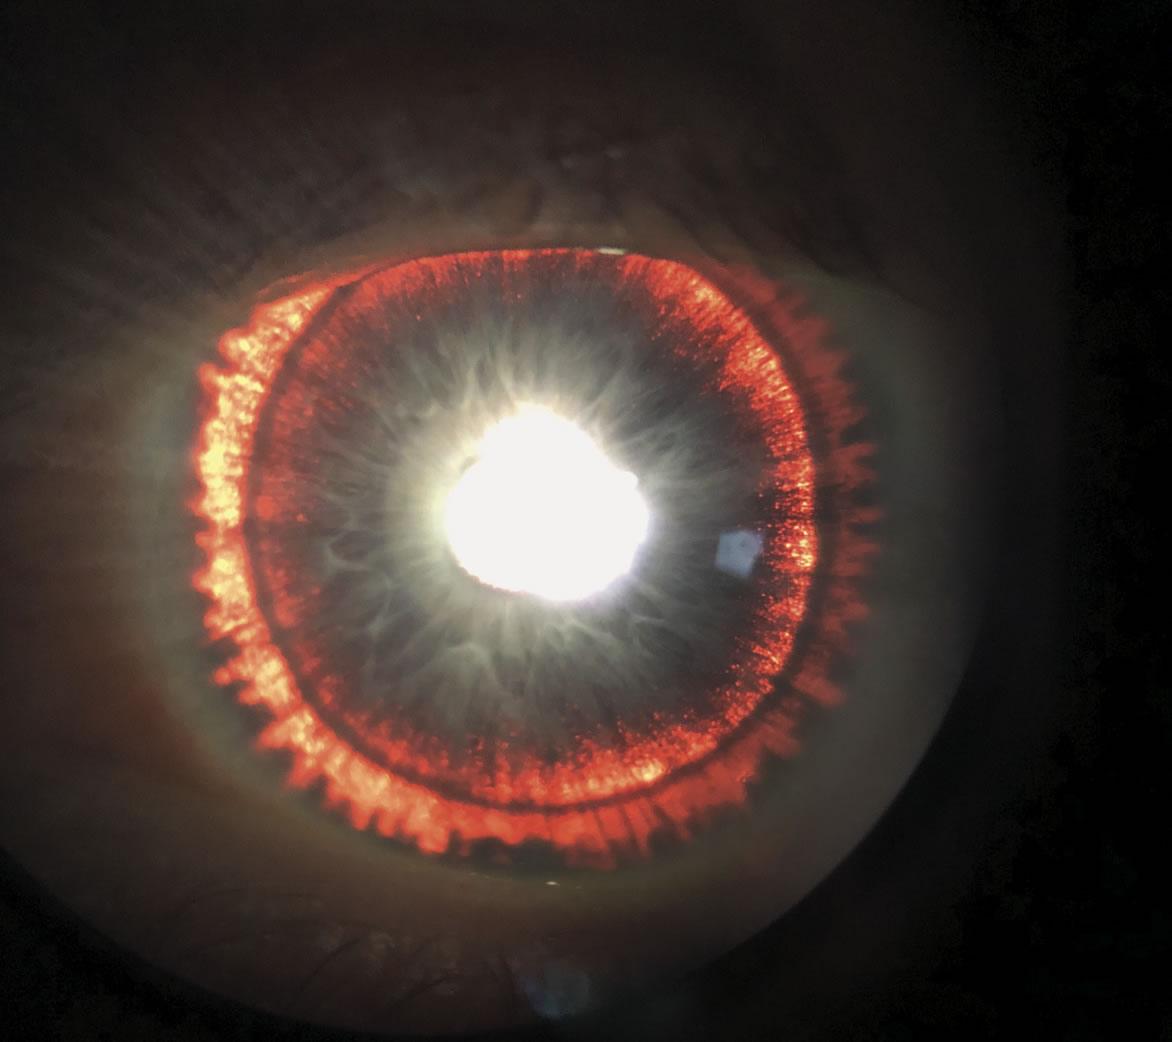 Un examen de vista reveló que un hombre posee unos iris muy brillantes